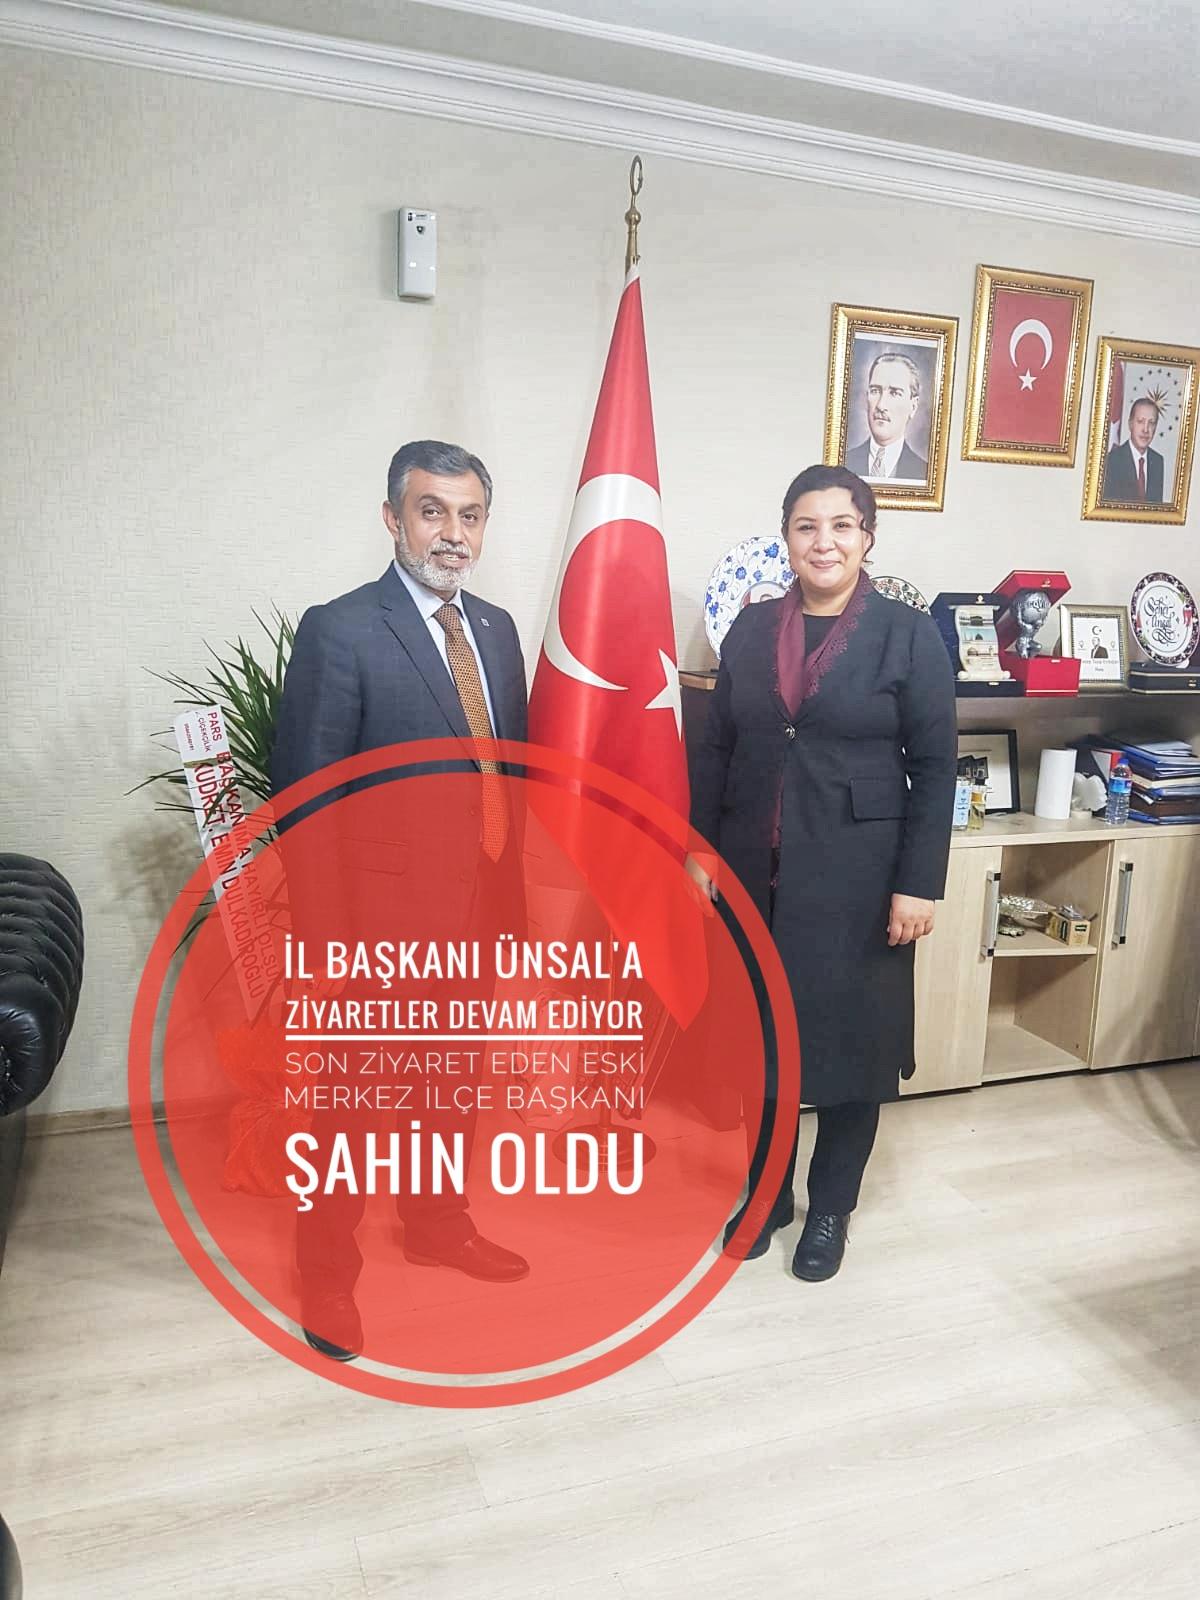 İl Başkanı Ünsal'a ziyaretler devam ediyor